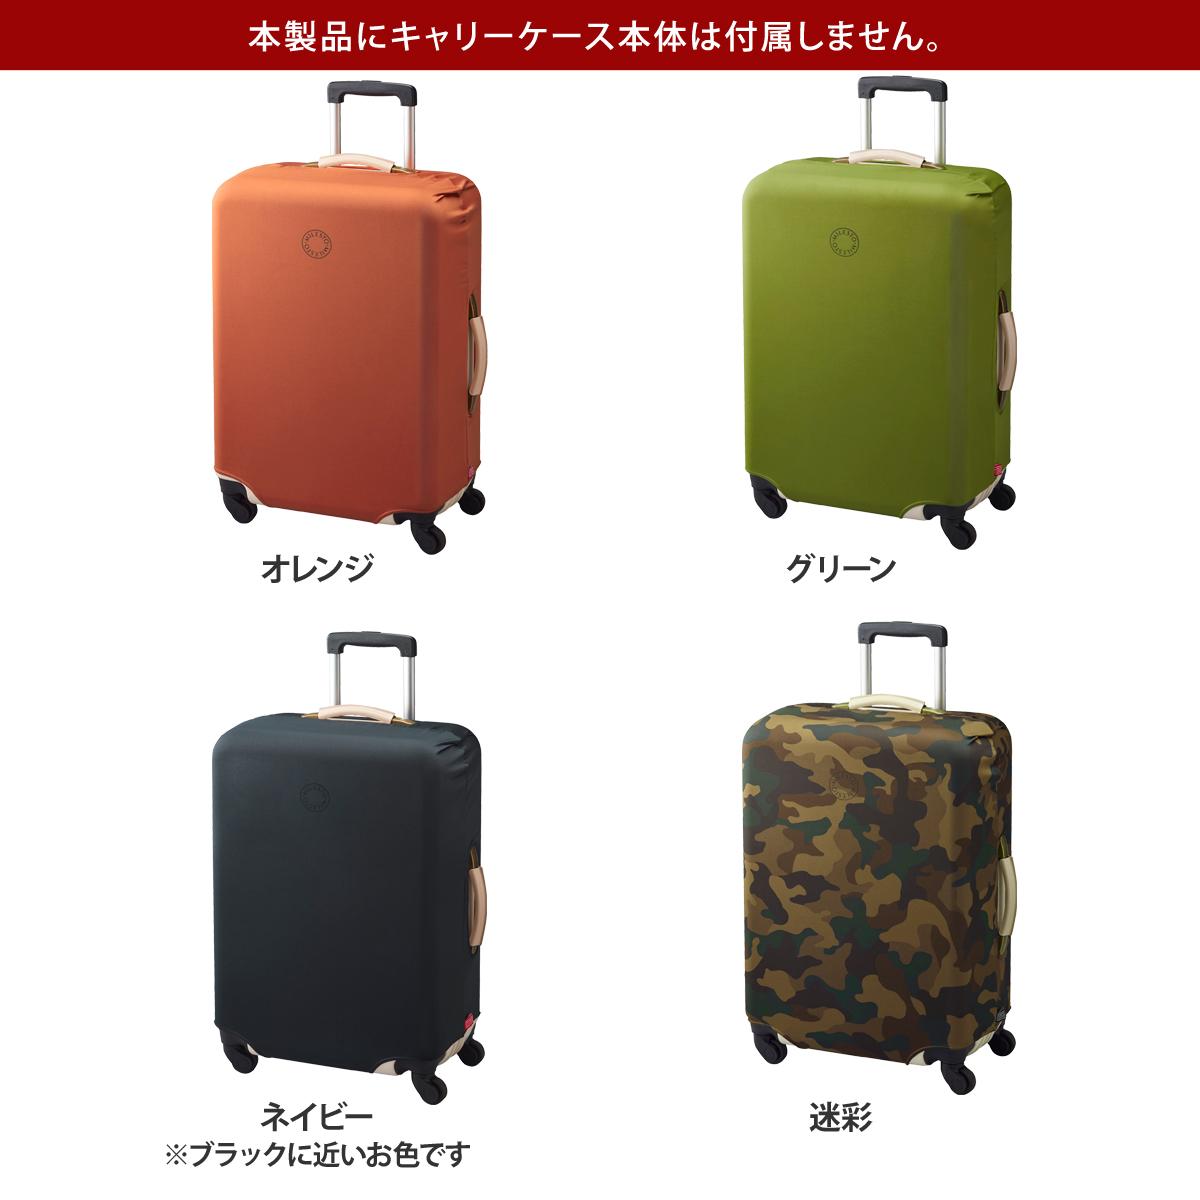 【スーツケースカバー】旅行用品洗えるラゲッジカバーLサイズキャリーケースミレスト